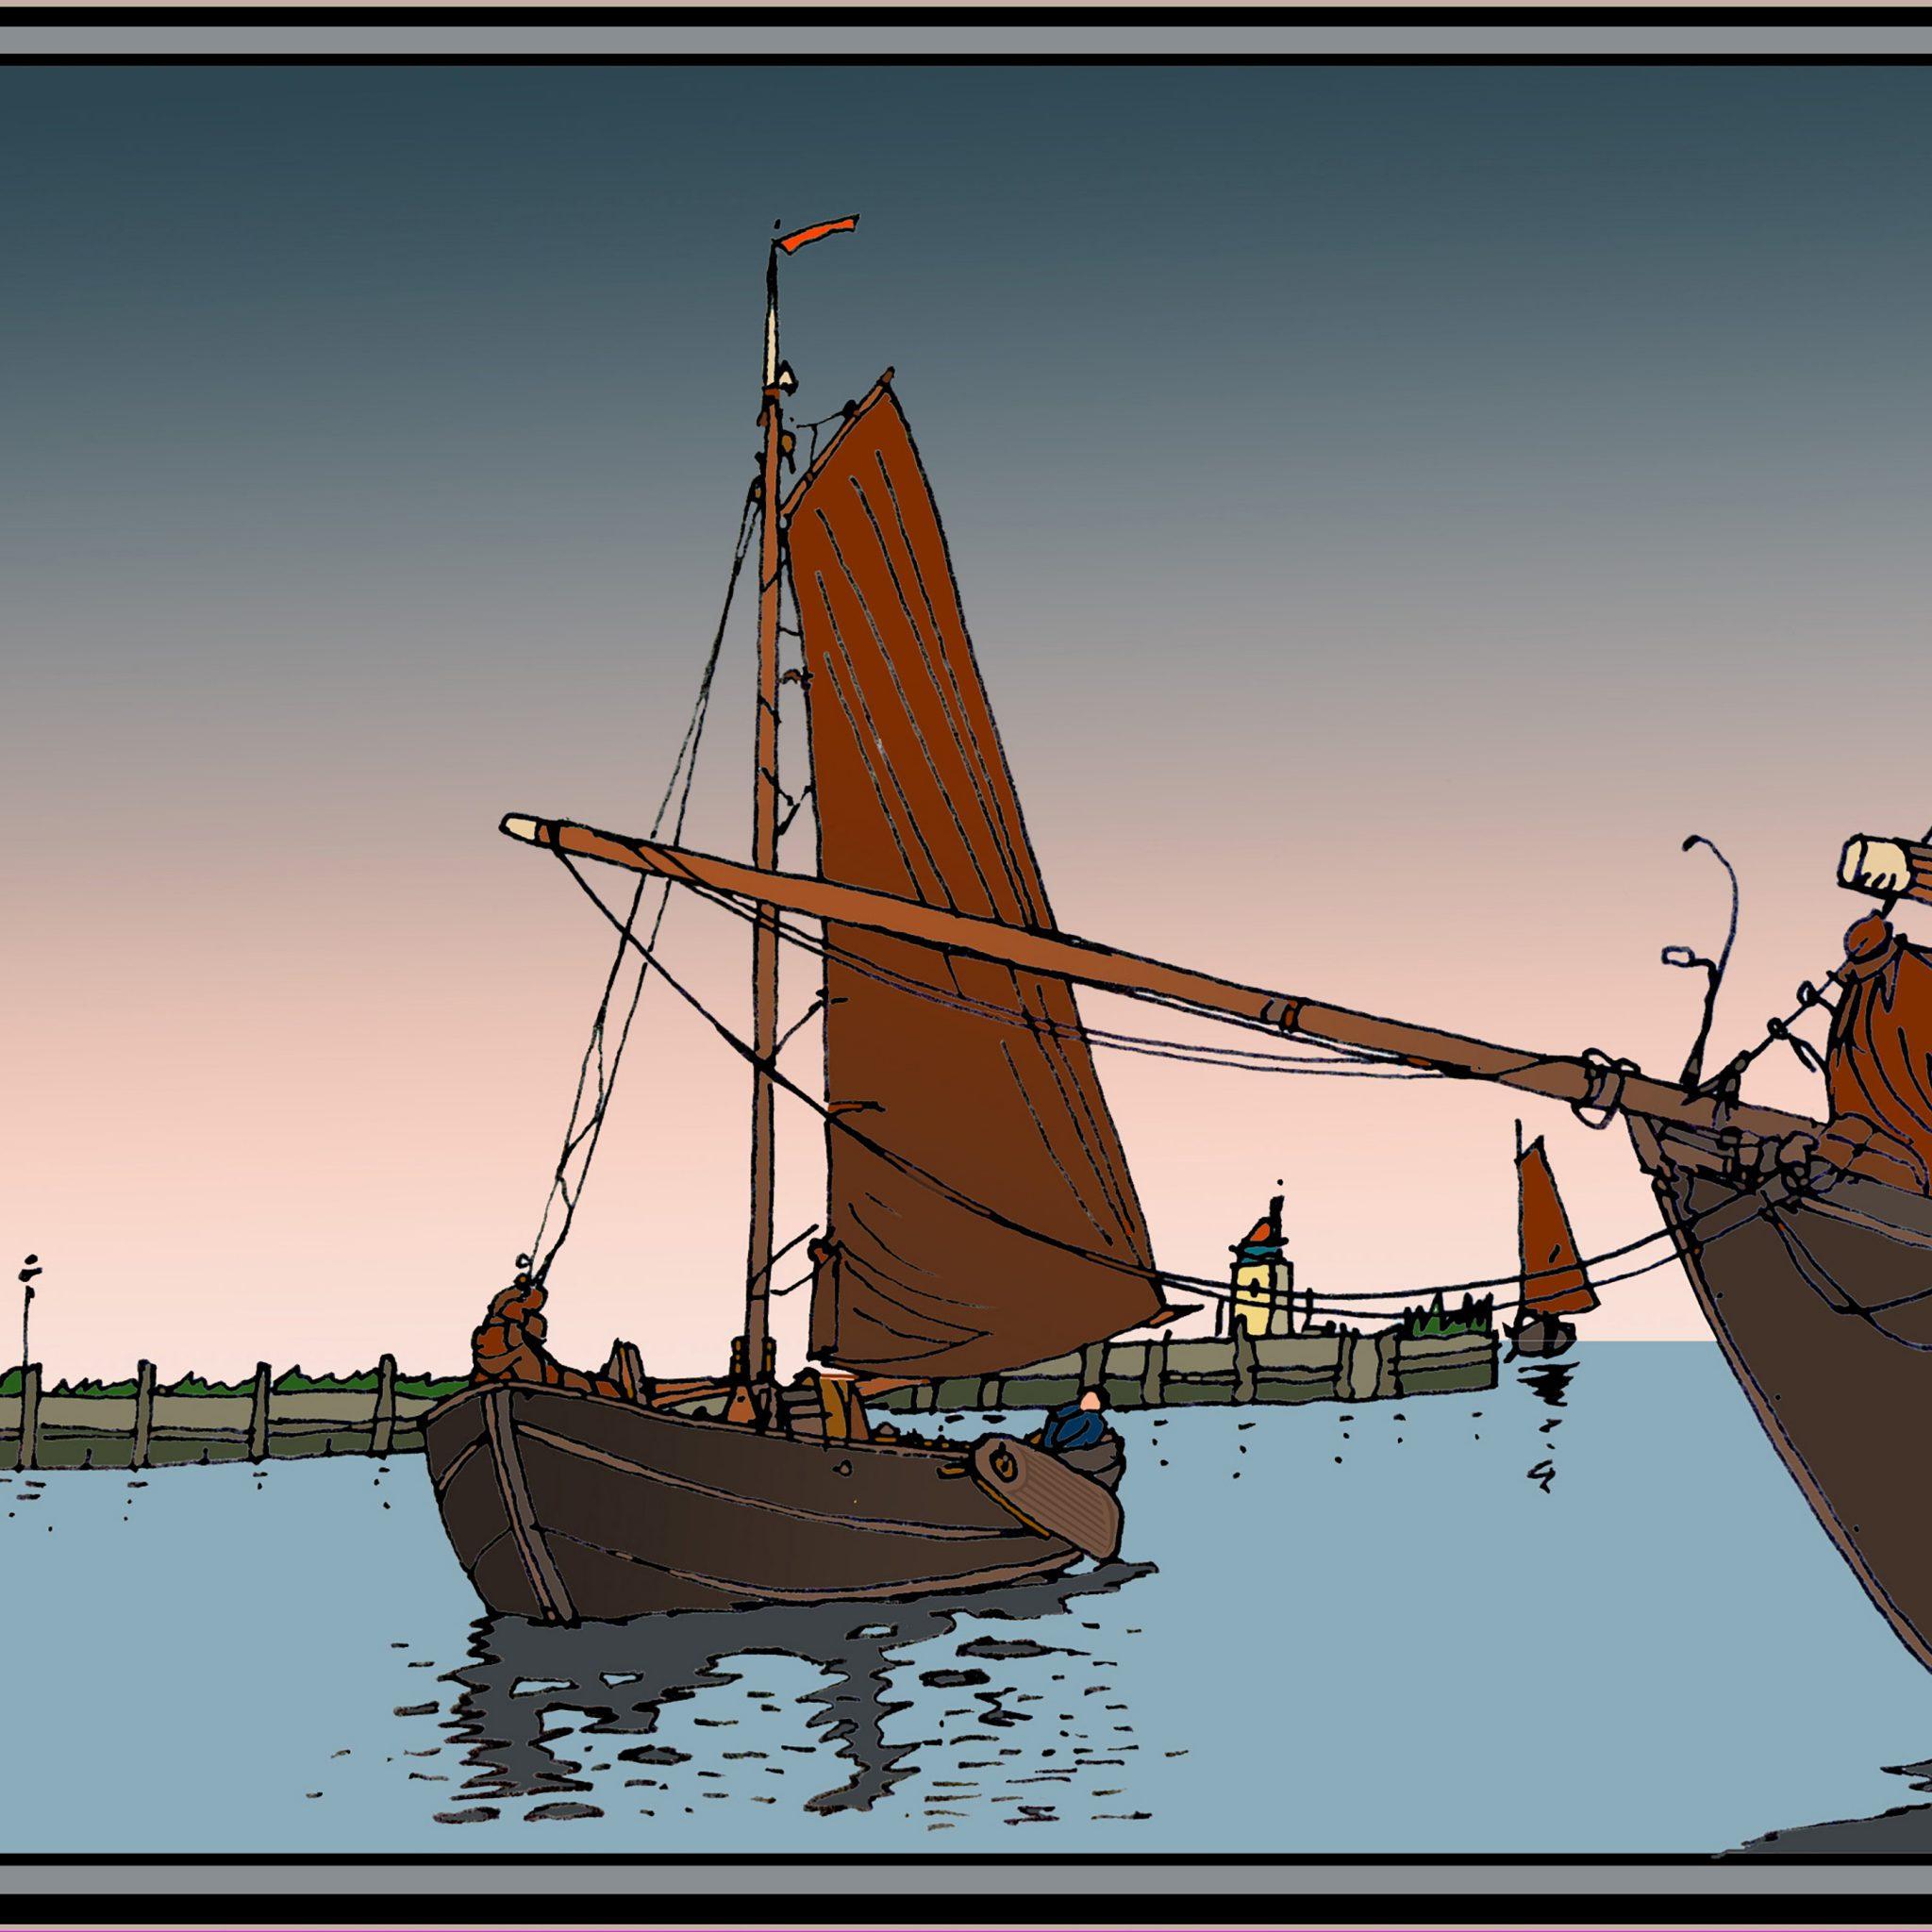 De in de 11e eeuw door Nederlanders in Noord-Duitsland ingevoerde ewer, heeft in de visserman-uitvoering vaak een bun.